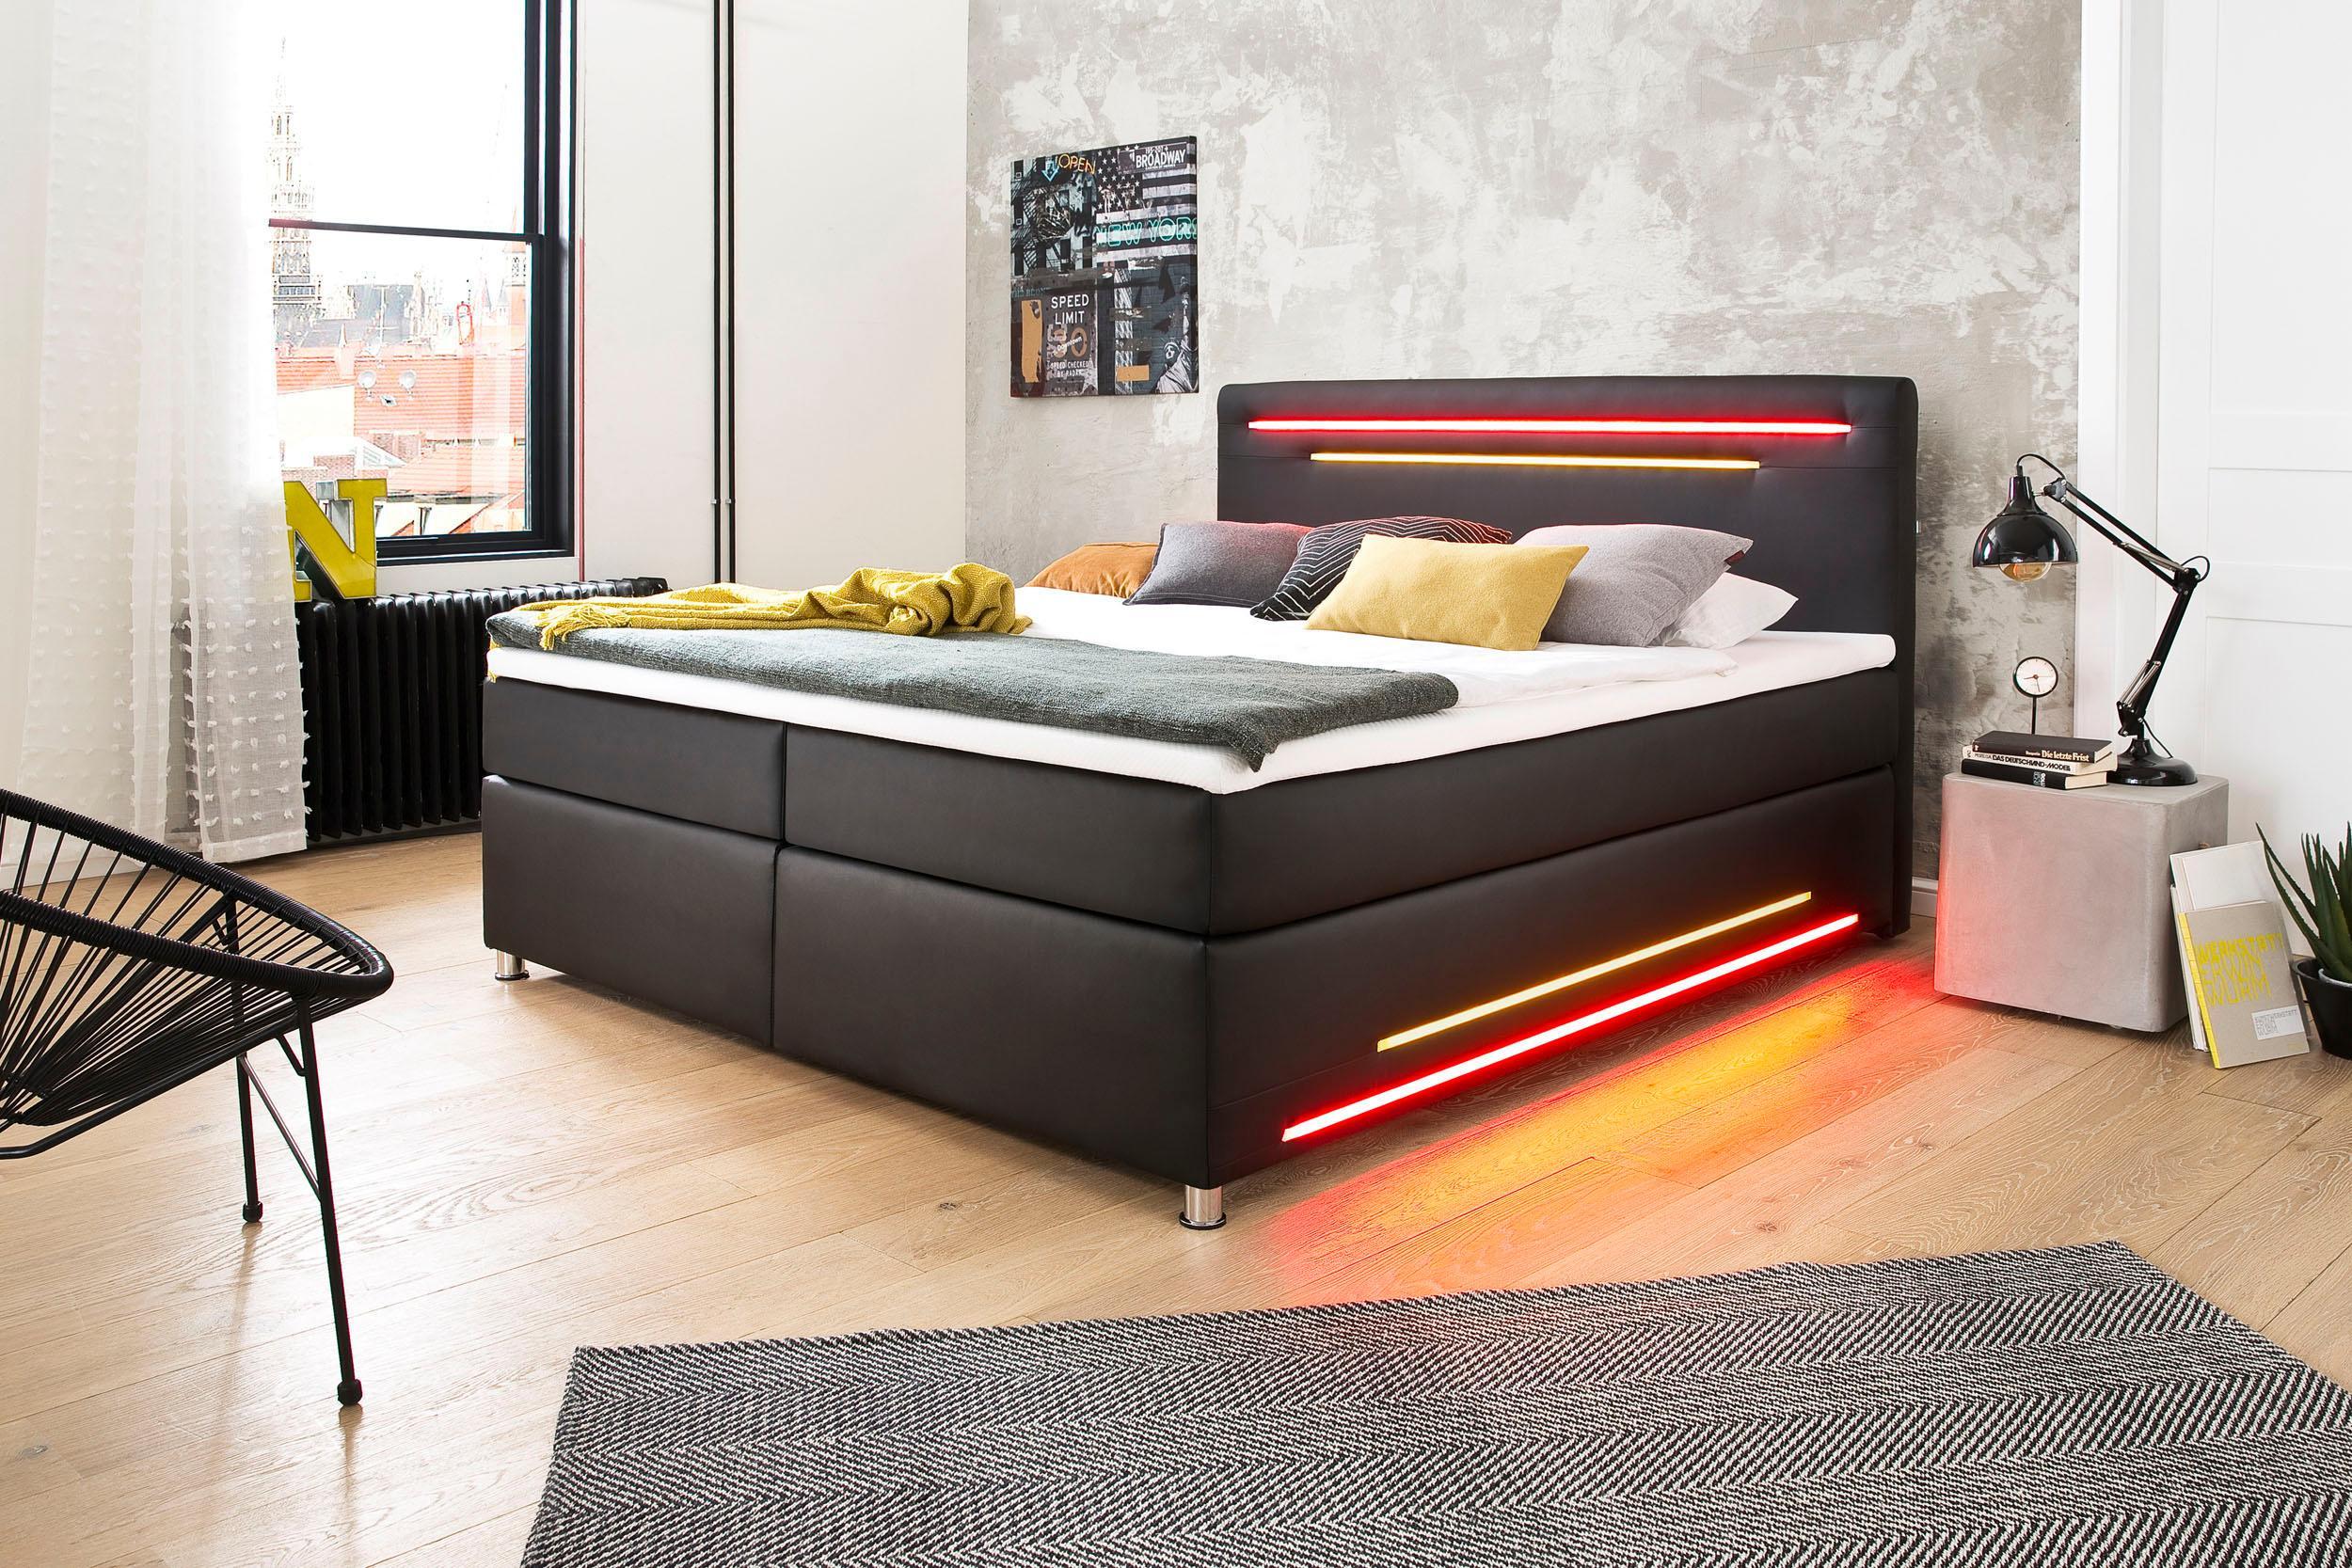 meisemöbel Boxspringbett mit LED-Beleuchtung und Topper